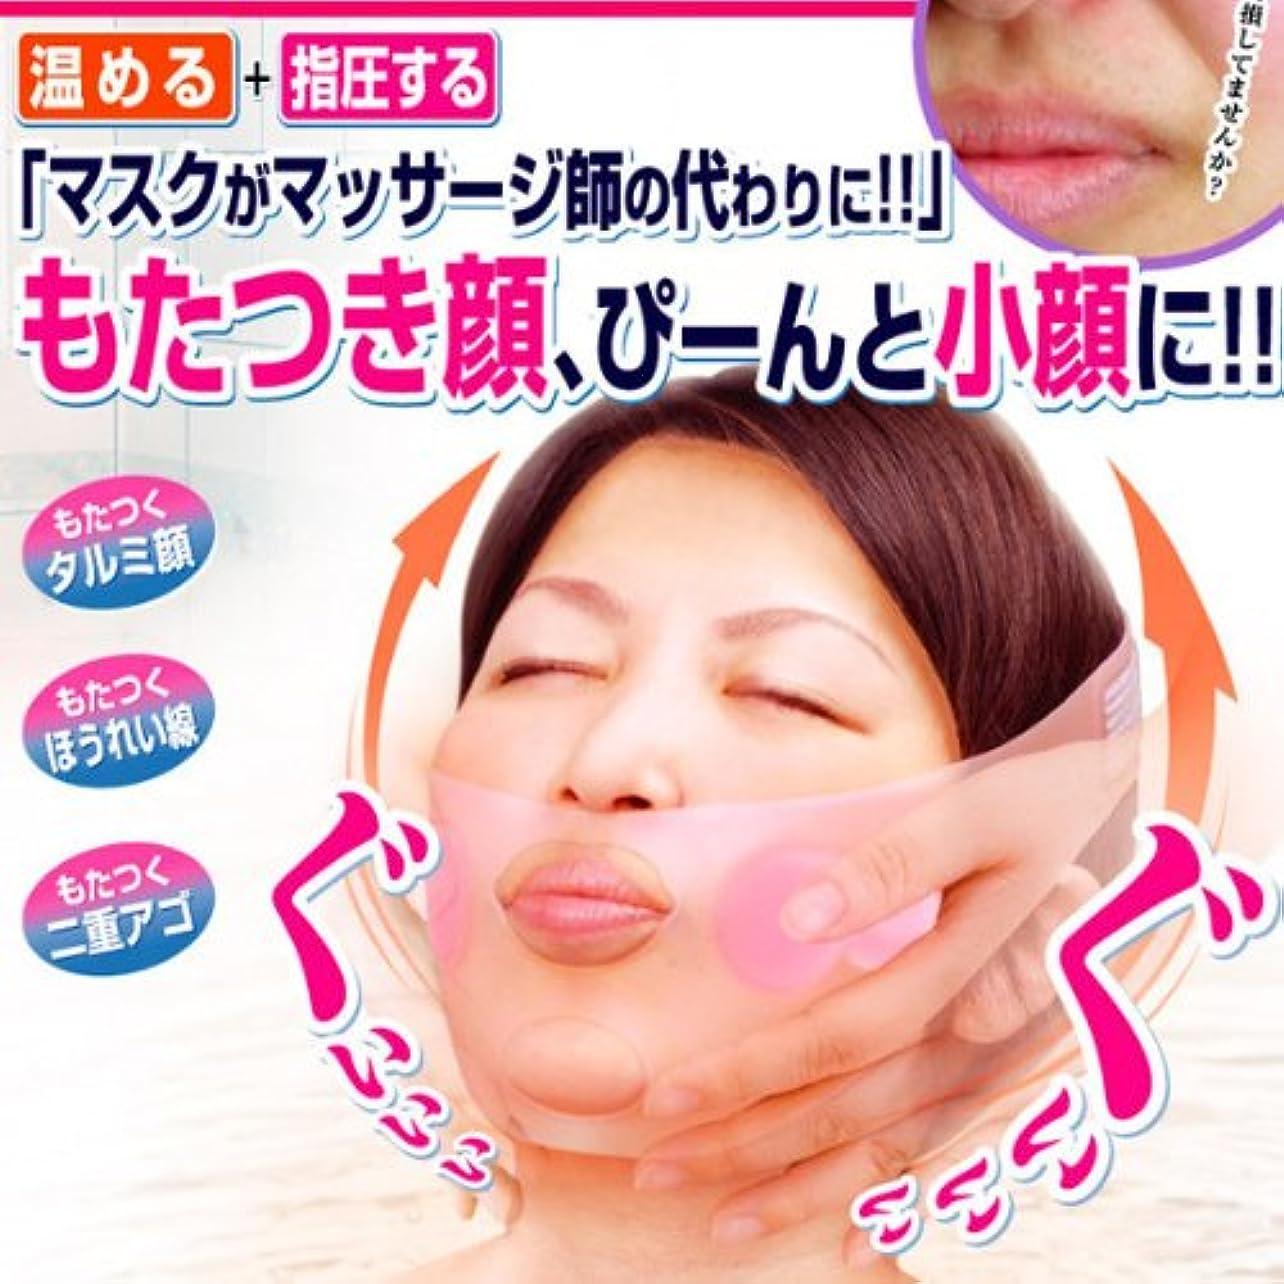 バタフライ石灰岩ジョットディボンドン温める+指圧する!マスクがマッサージ師変わりに『揉まれるフェイスマスク』